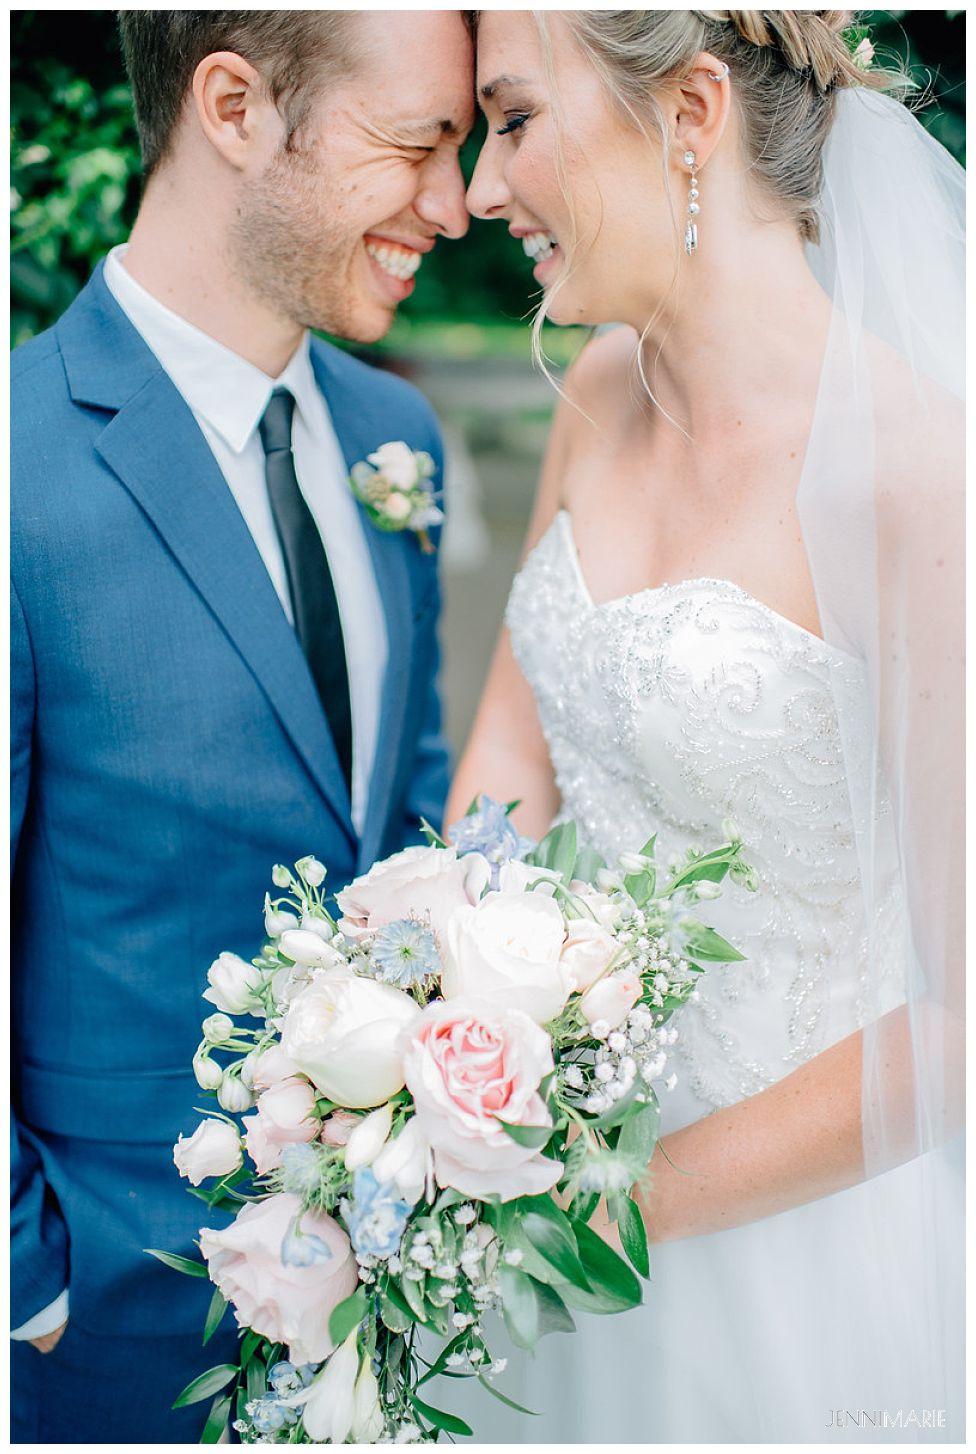 cascade bouquet wedding flower